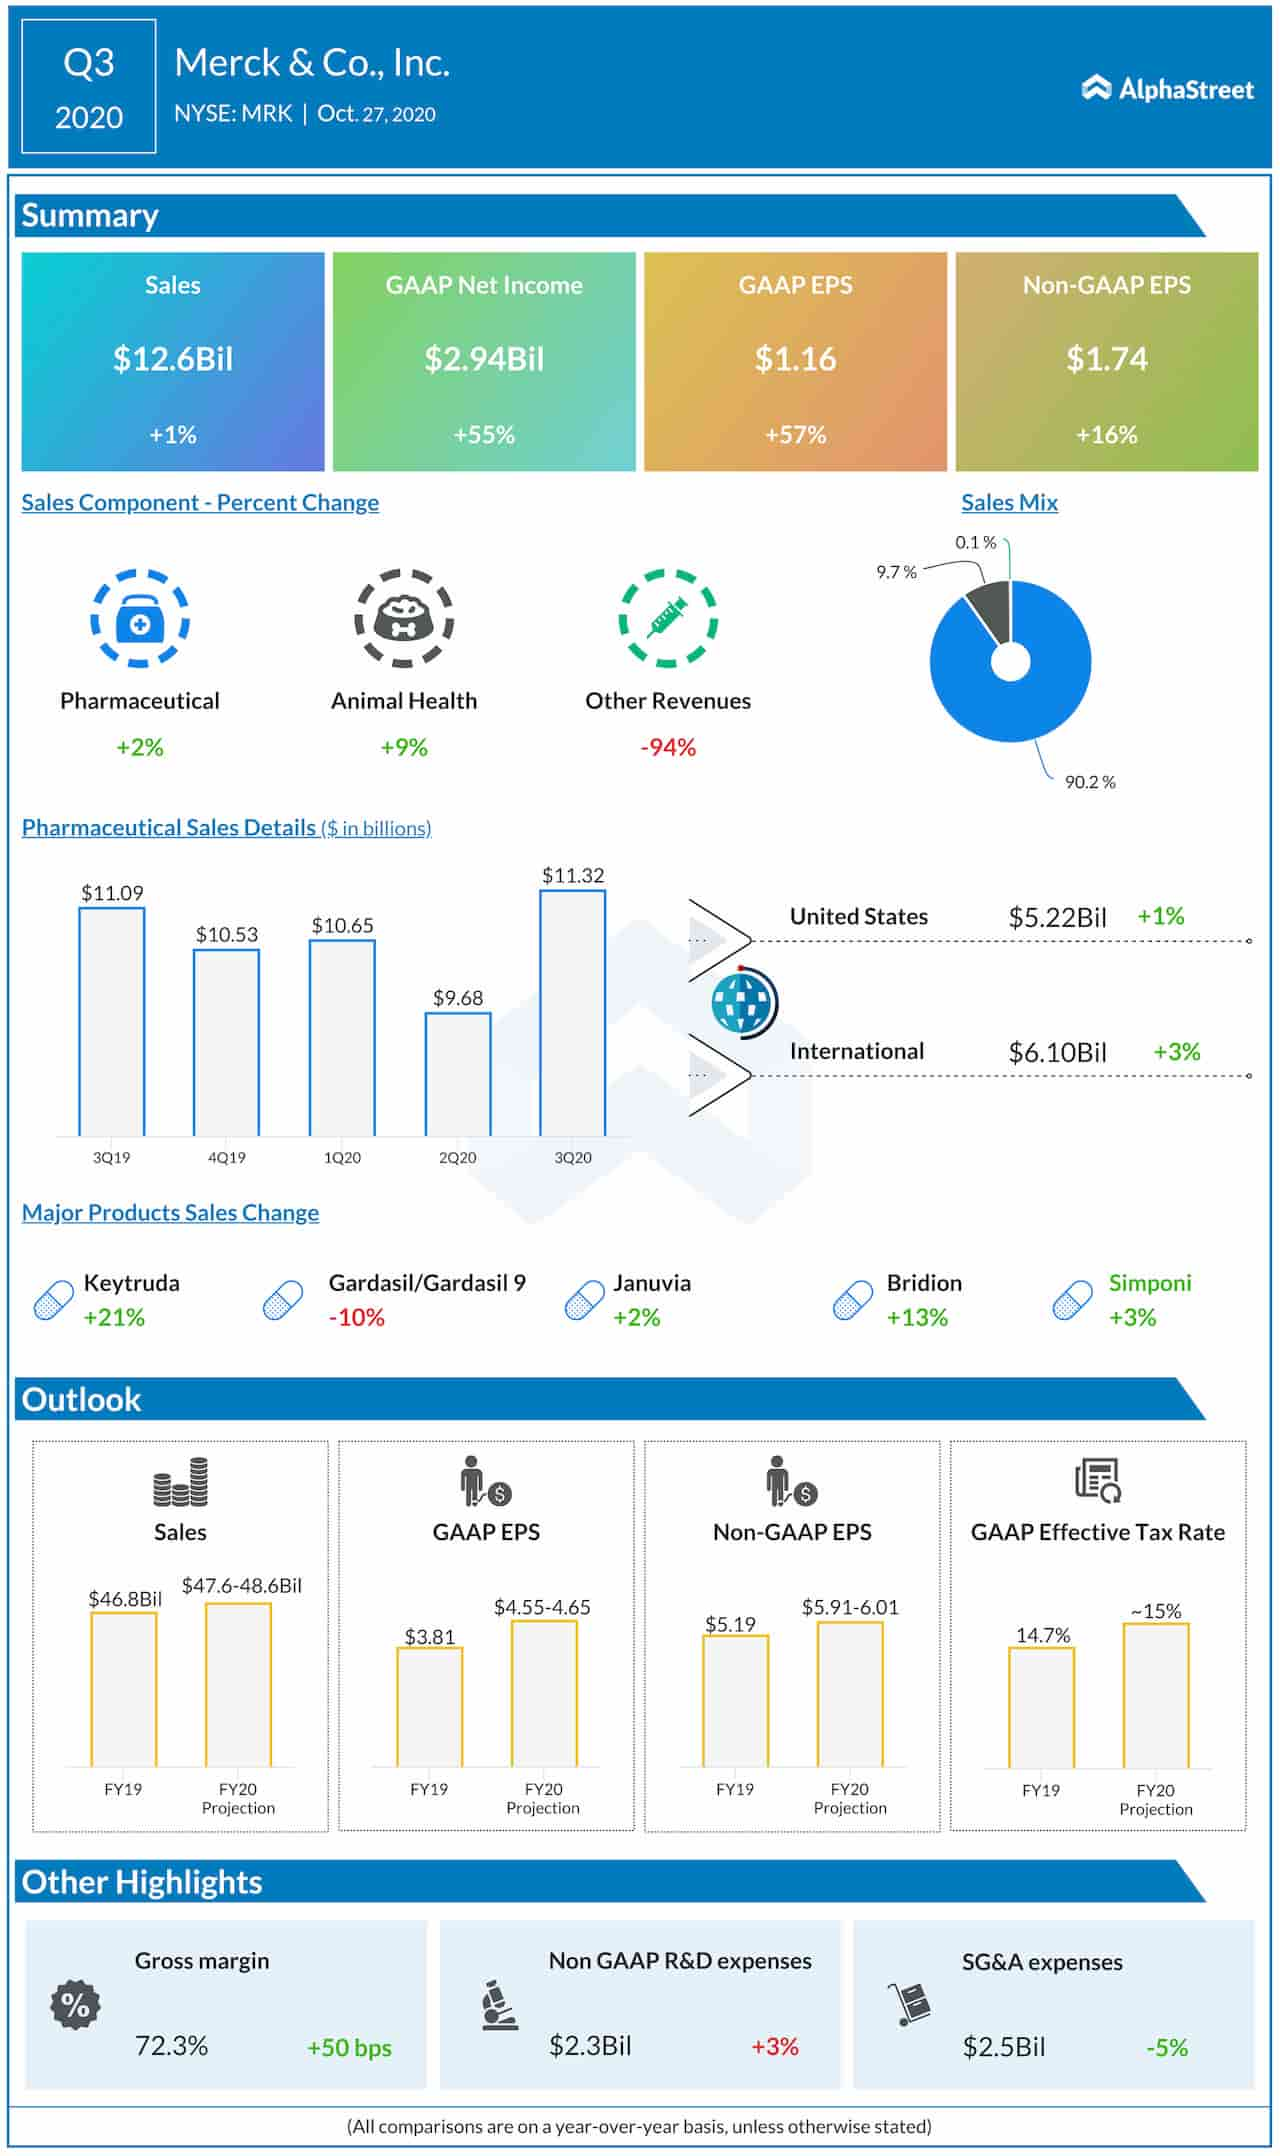 Merck &Co. Q3 2020 earnings infographic